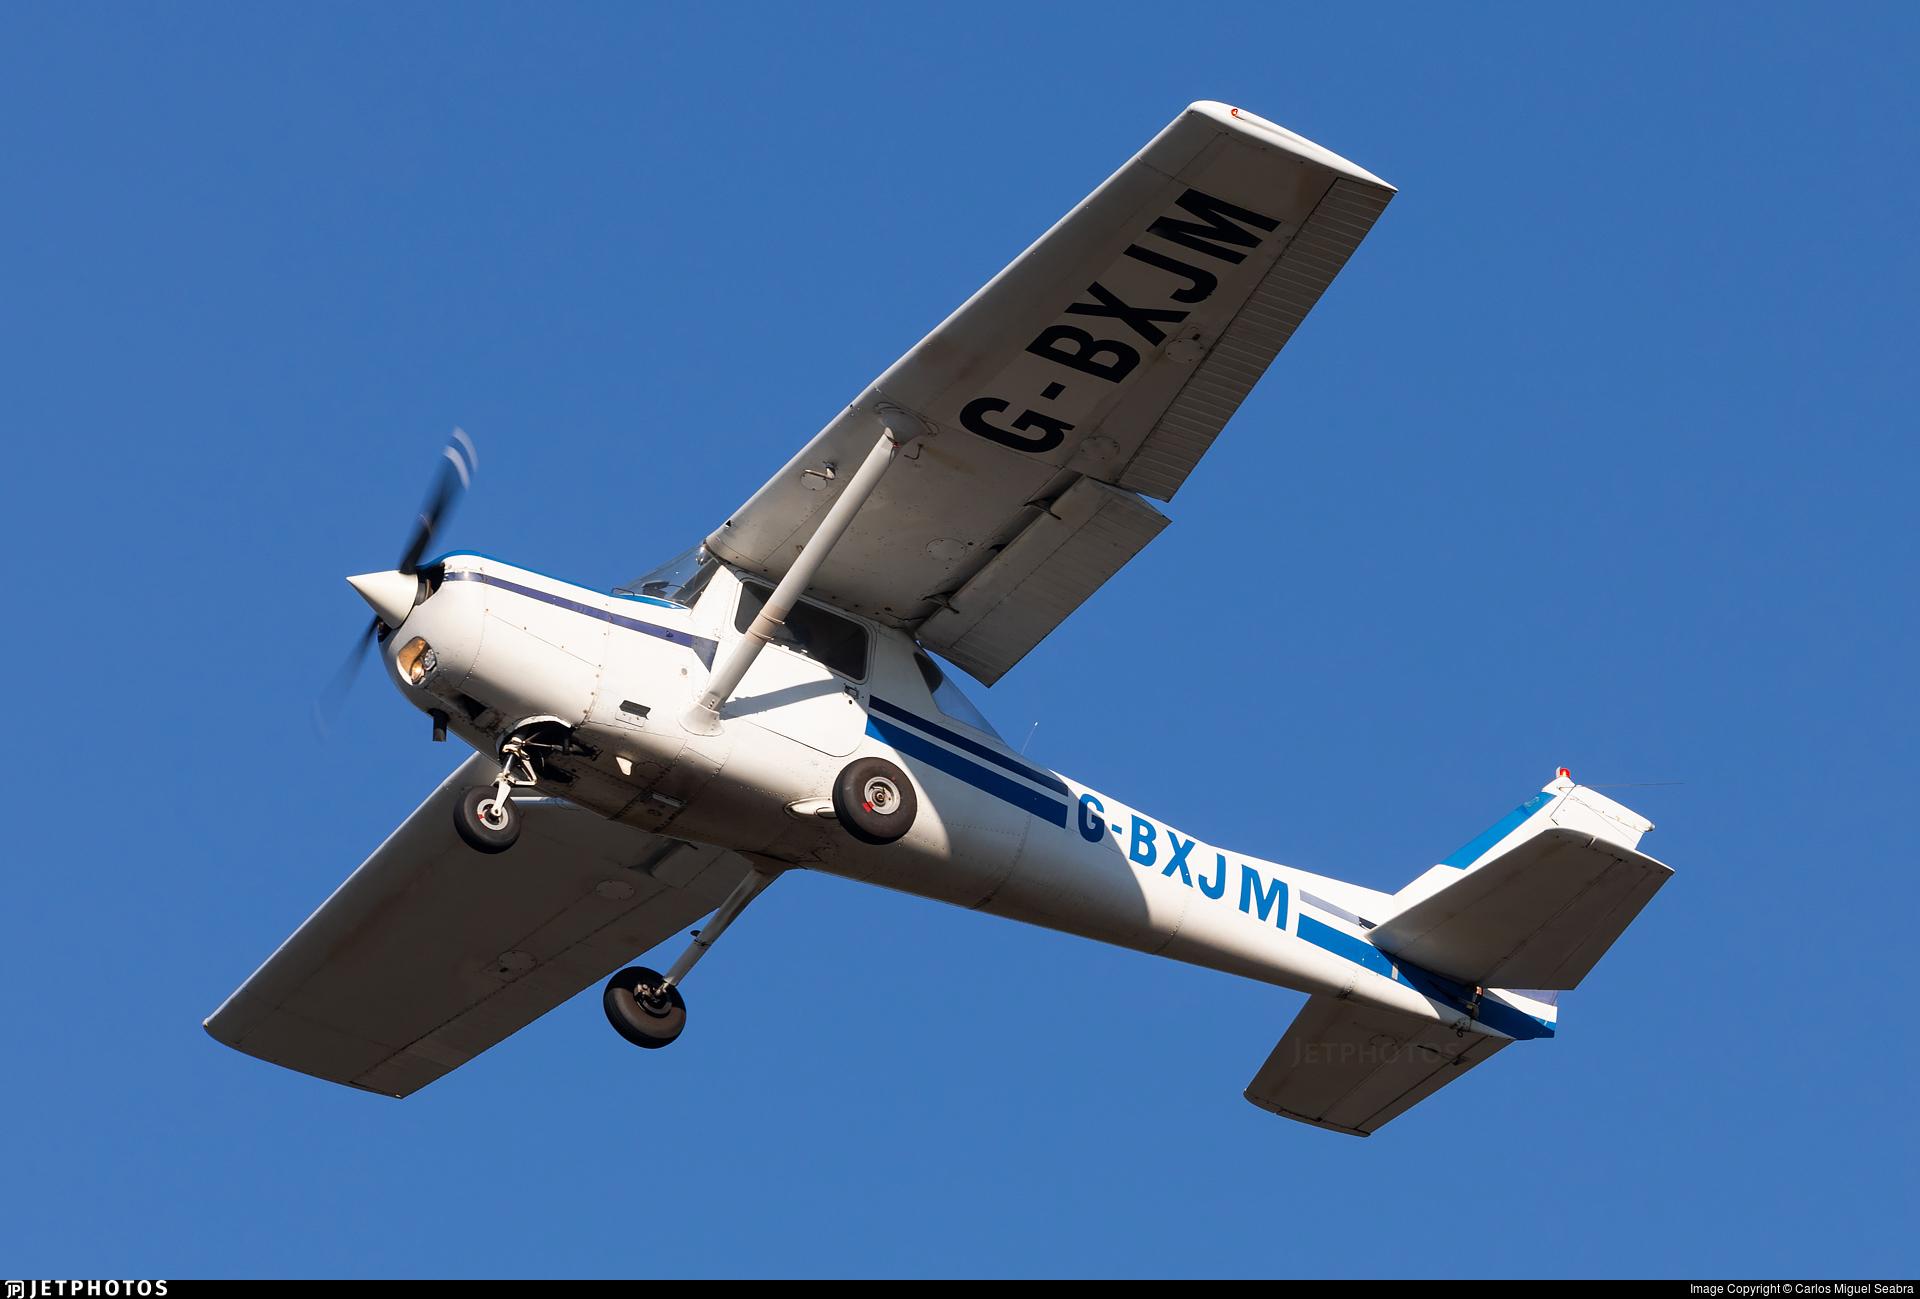 G-BXJM - Cessna 152 - Nortávia